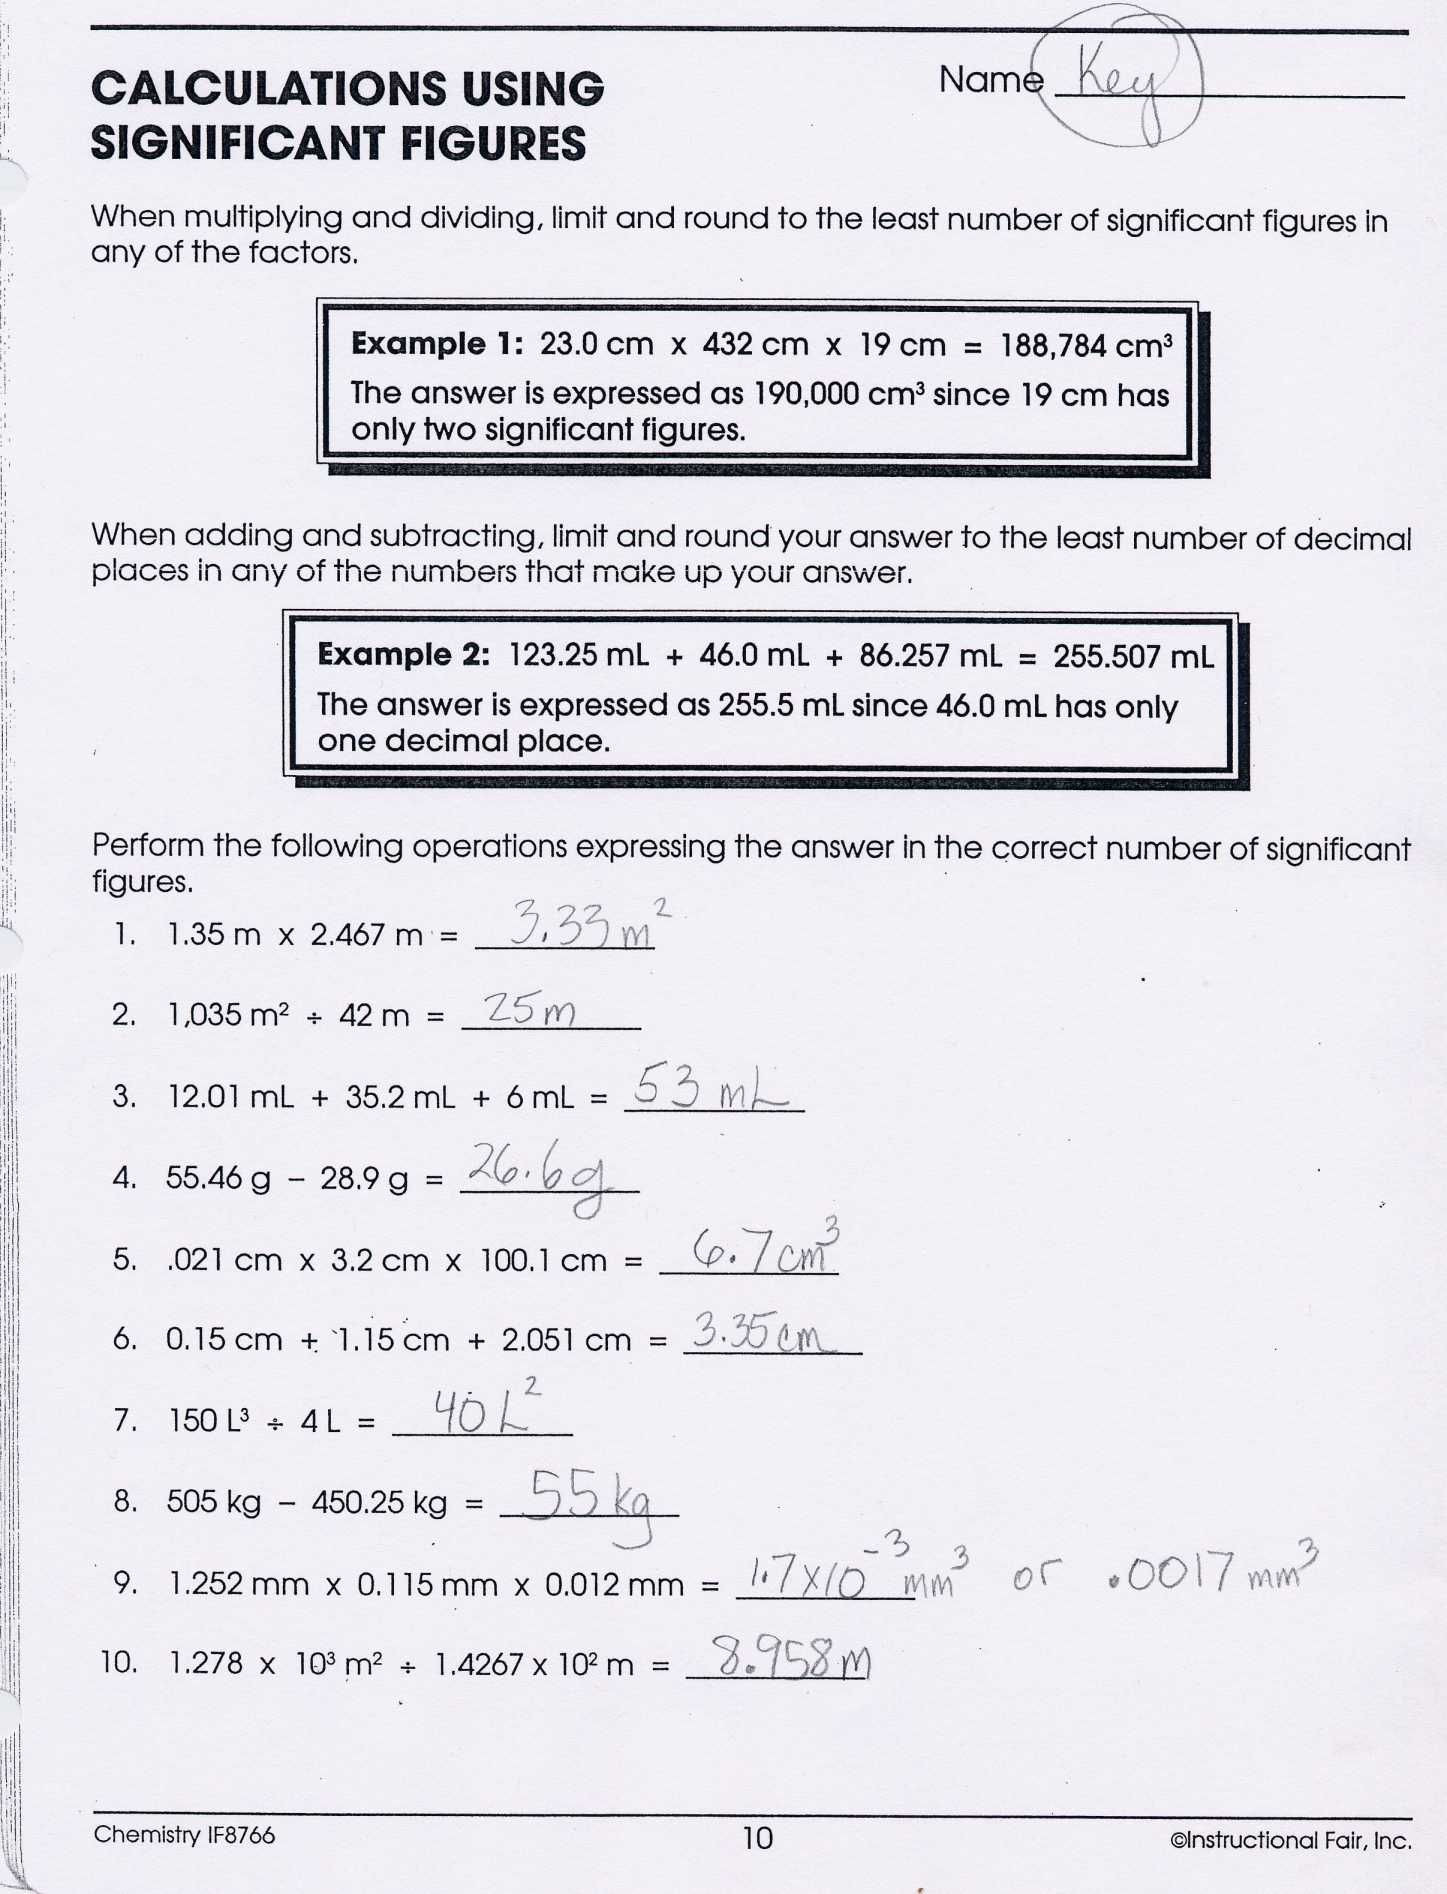 Electron Configuration Worksheet Answer Key Electron Configuration Worksheet Section 5 3